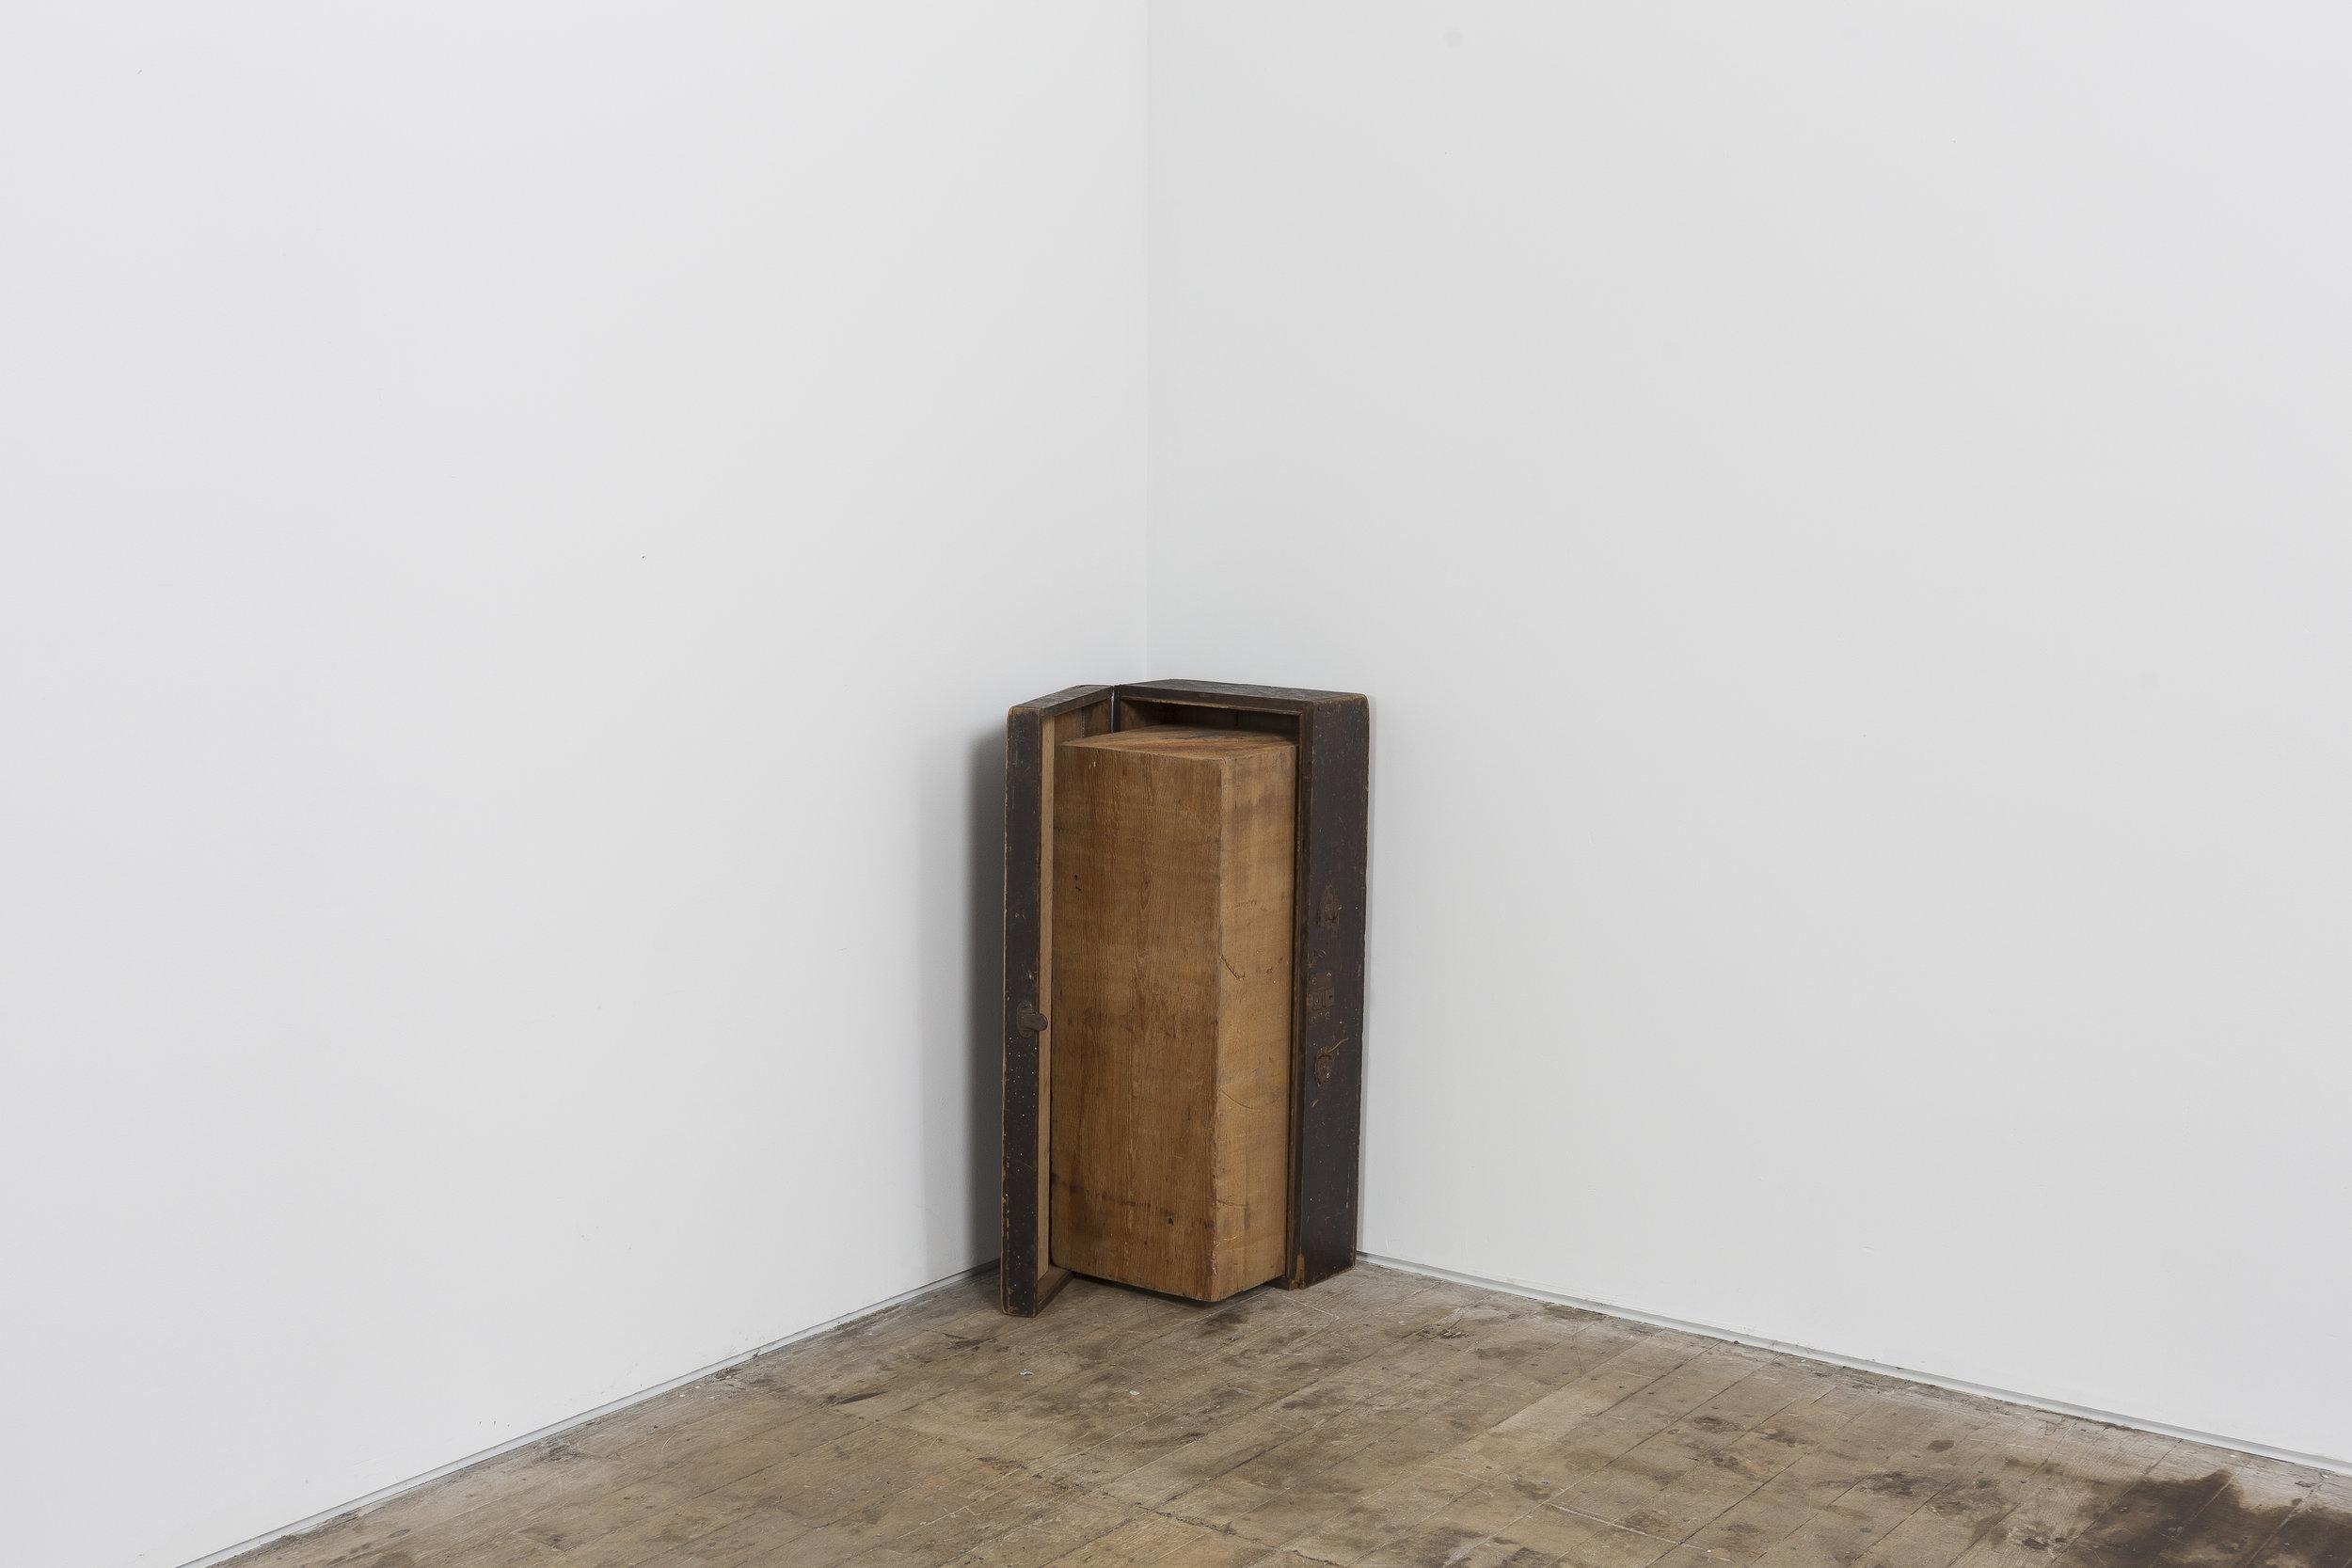 """34"""" x 20"""" x 17""""  Wood Box, Western Red Cedar Wood Form, Inside Corner Room Installation"""